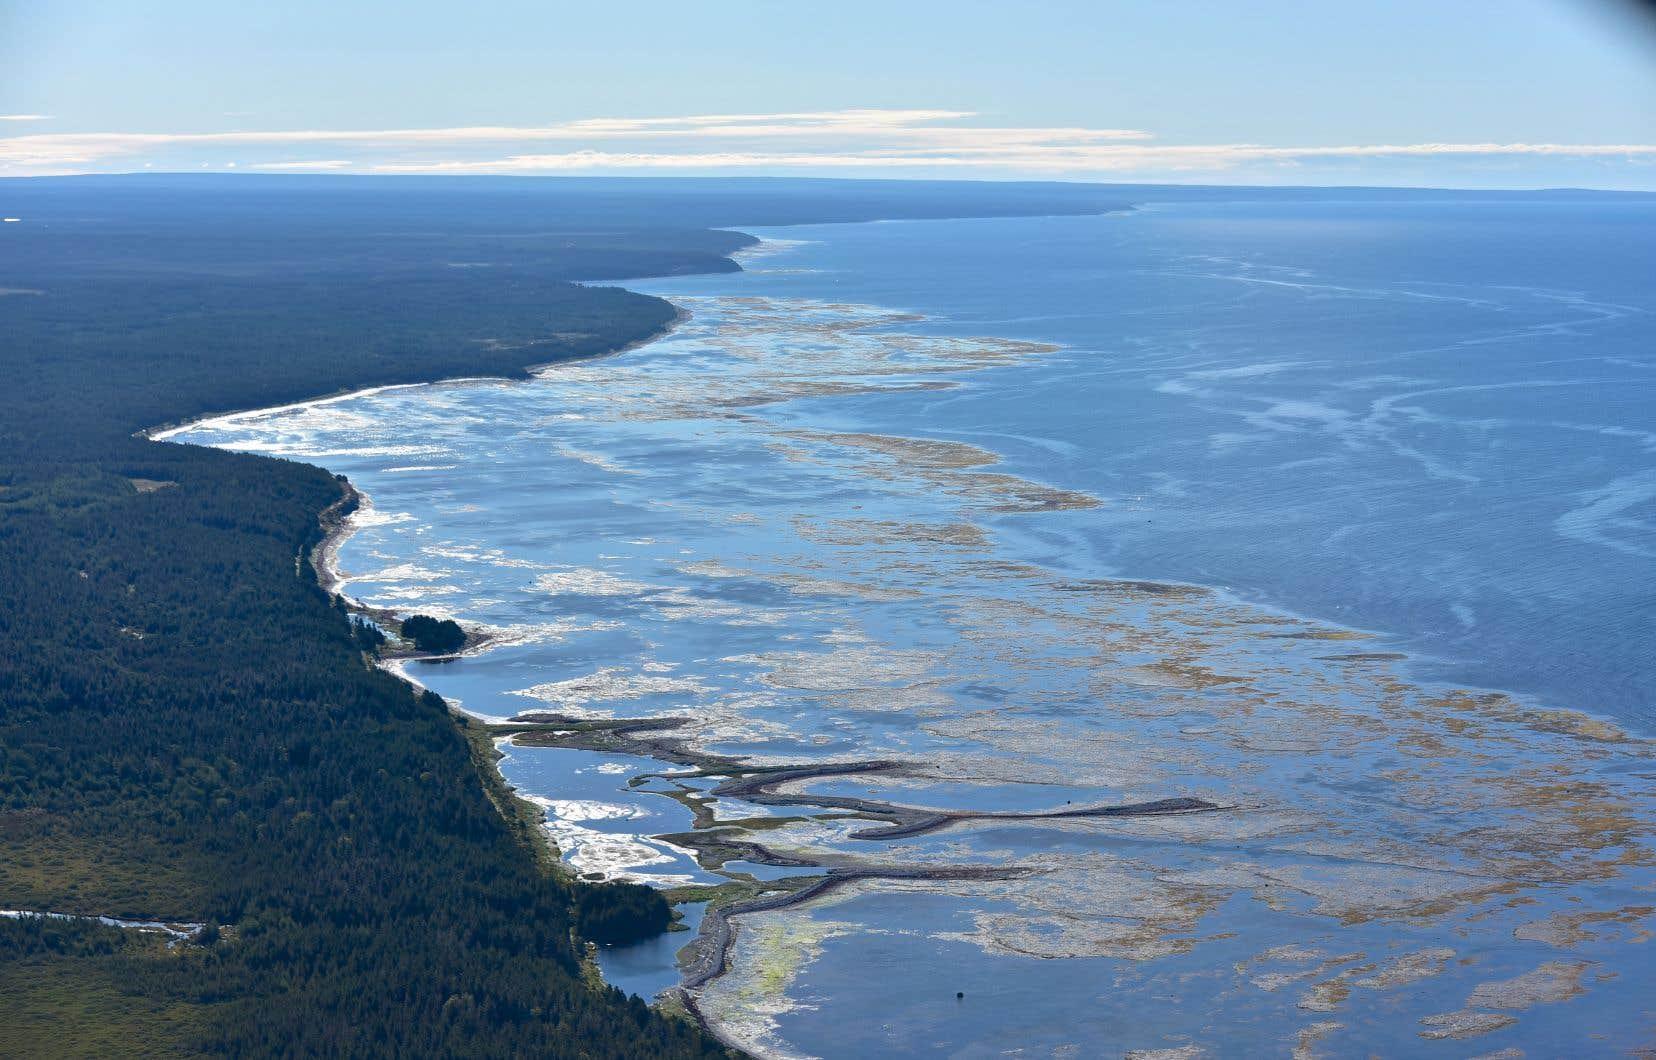 La plus grande île du Québec compterait des vestiges d'occupation du territoire remontant à plus de 3500 ans. Son littoral renferme des sites fossilifères jugés exceptionnels.